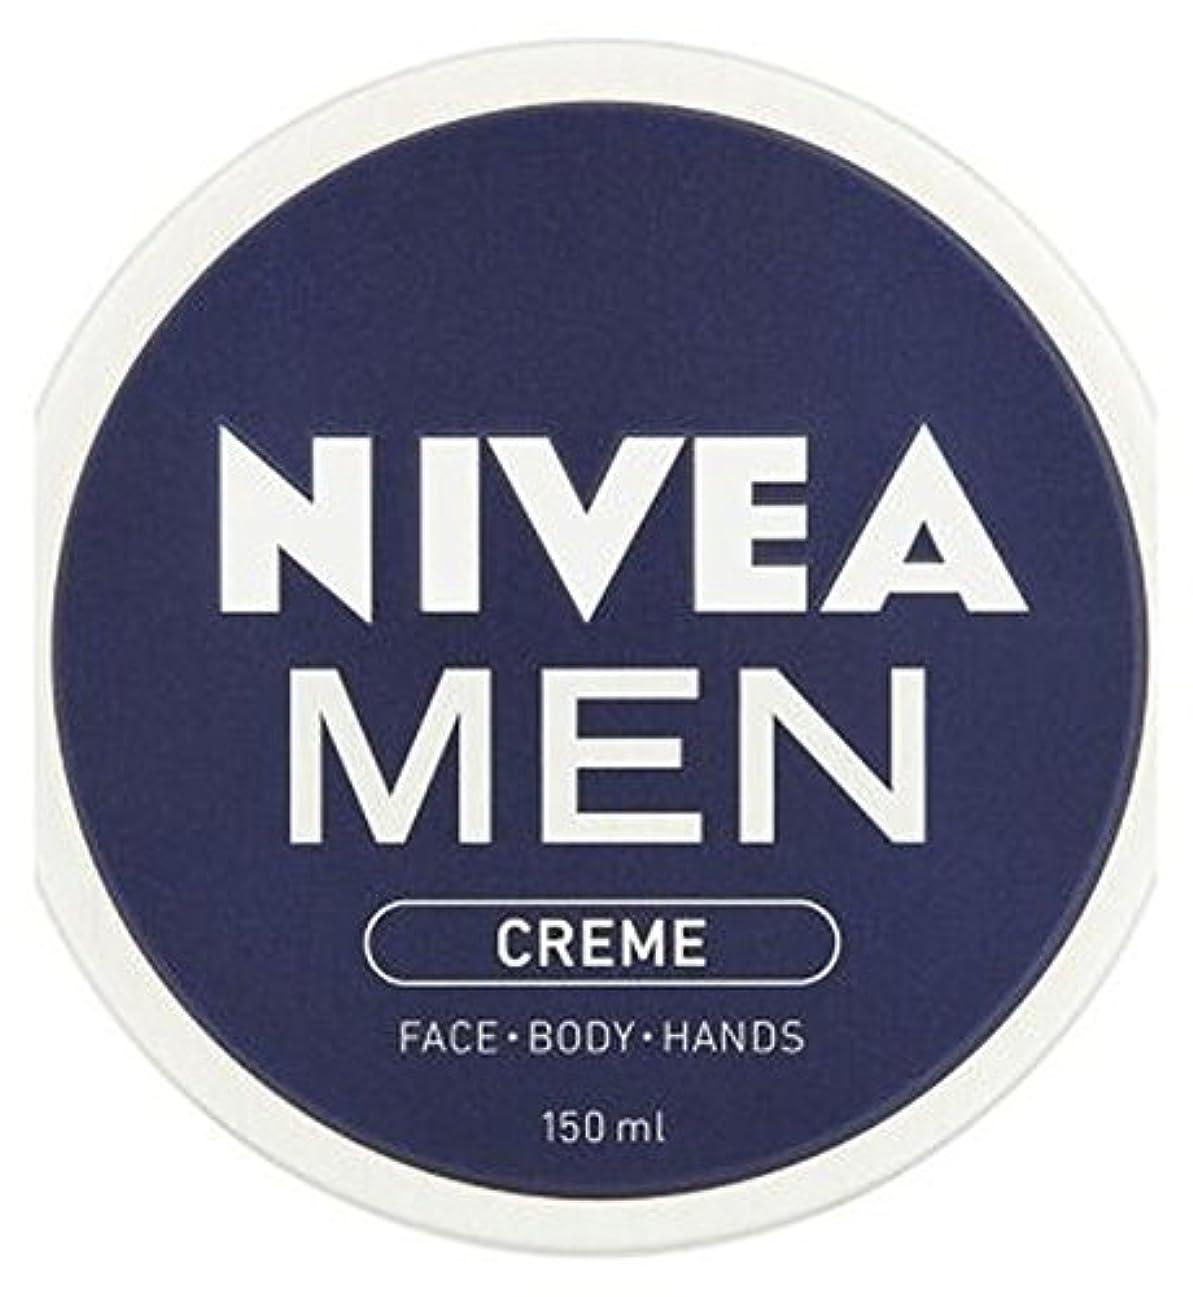 眠り失業者キャプテンブライNIVEA MEN Creme 150ml - ニベアの男性が150ミリリットルクリーム (Nivea) [並行輸入品]